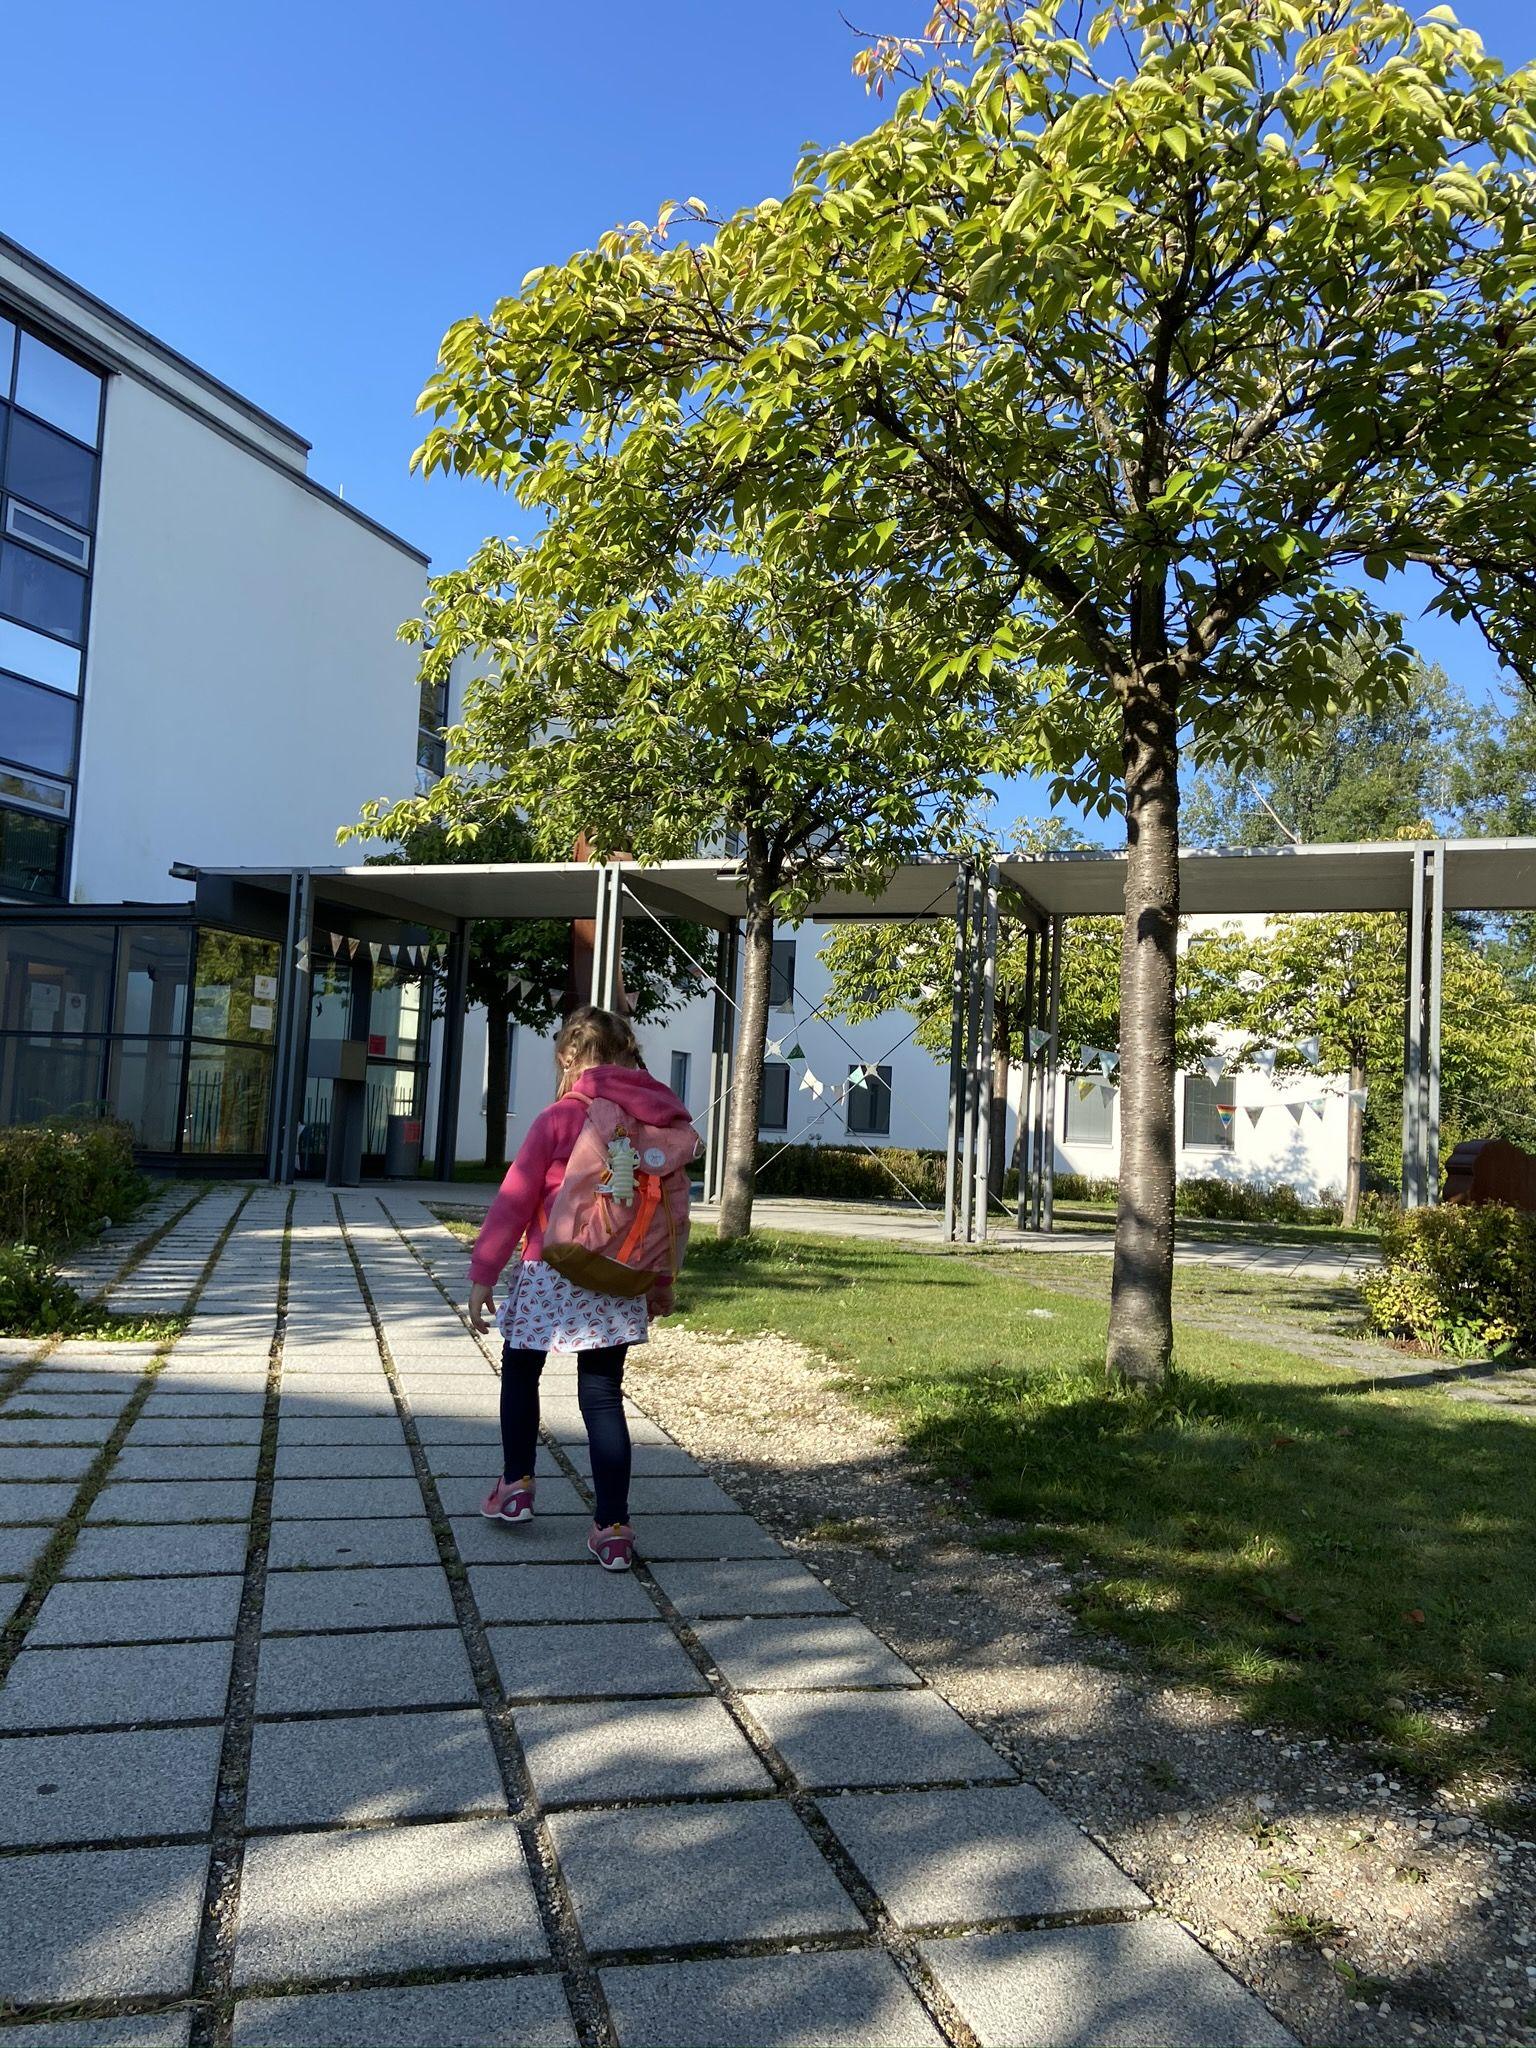 Annie Vor Dem Sozialpaediatrischen Zentrum Hfz